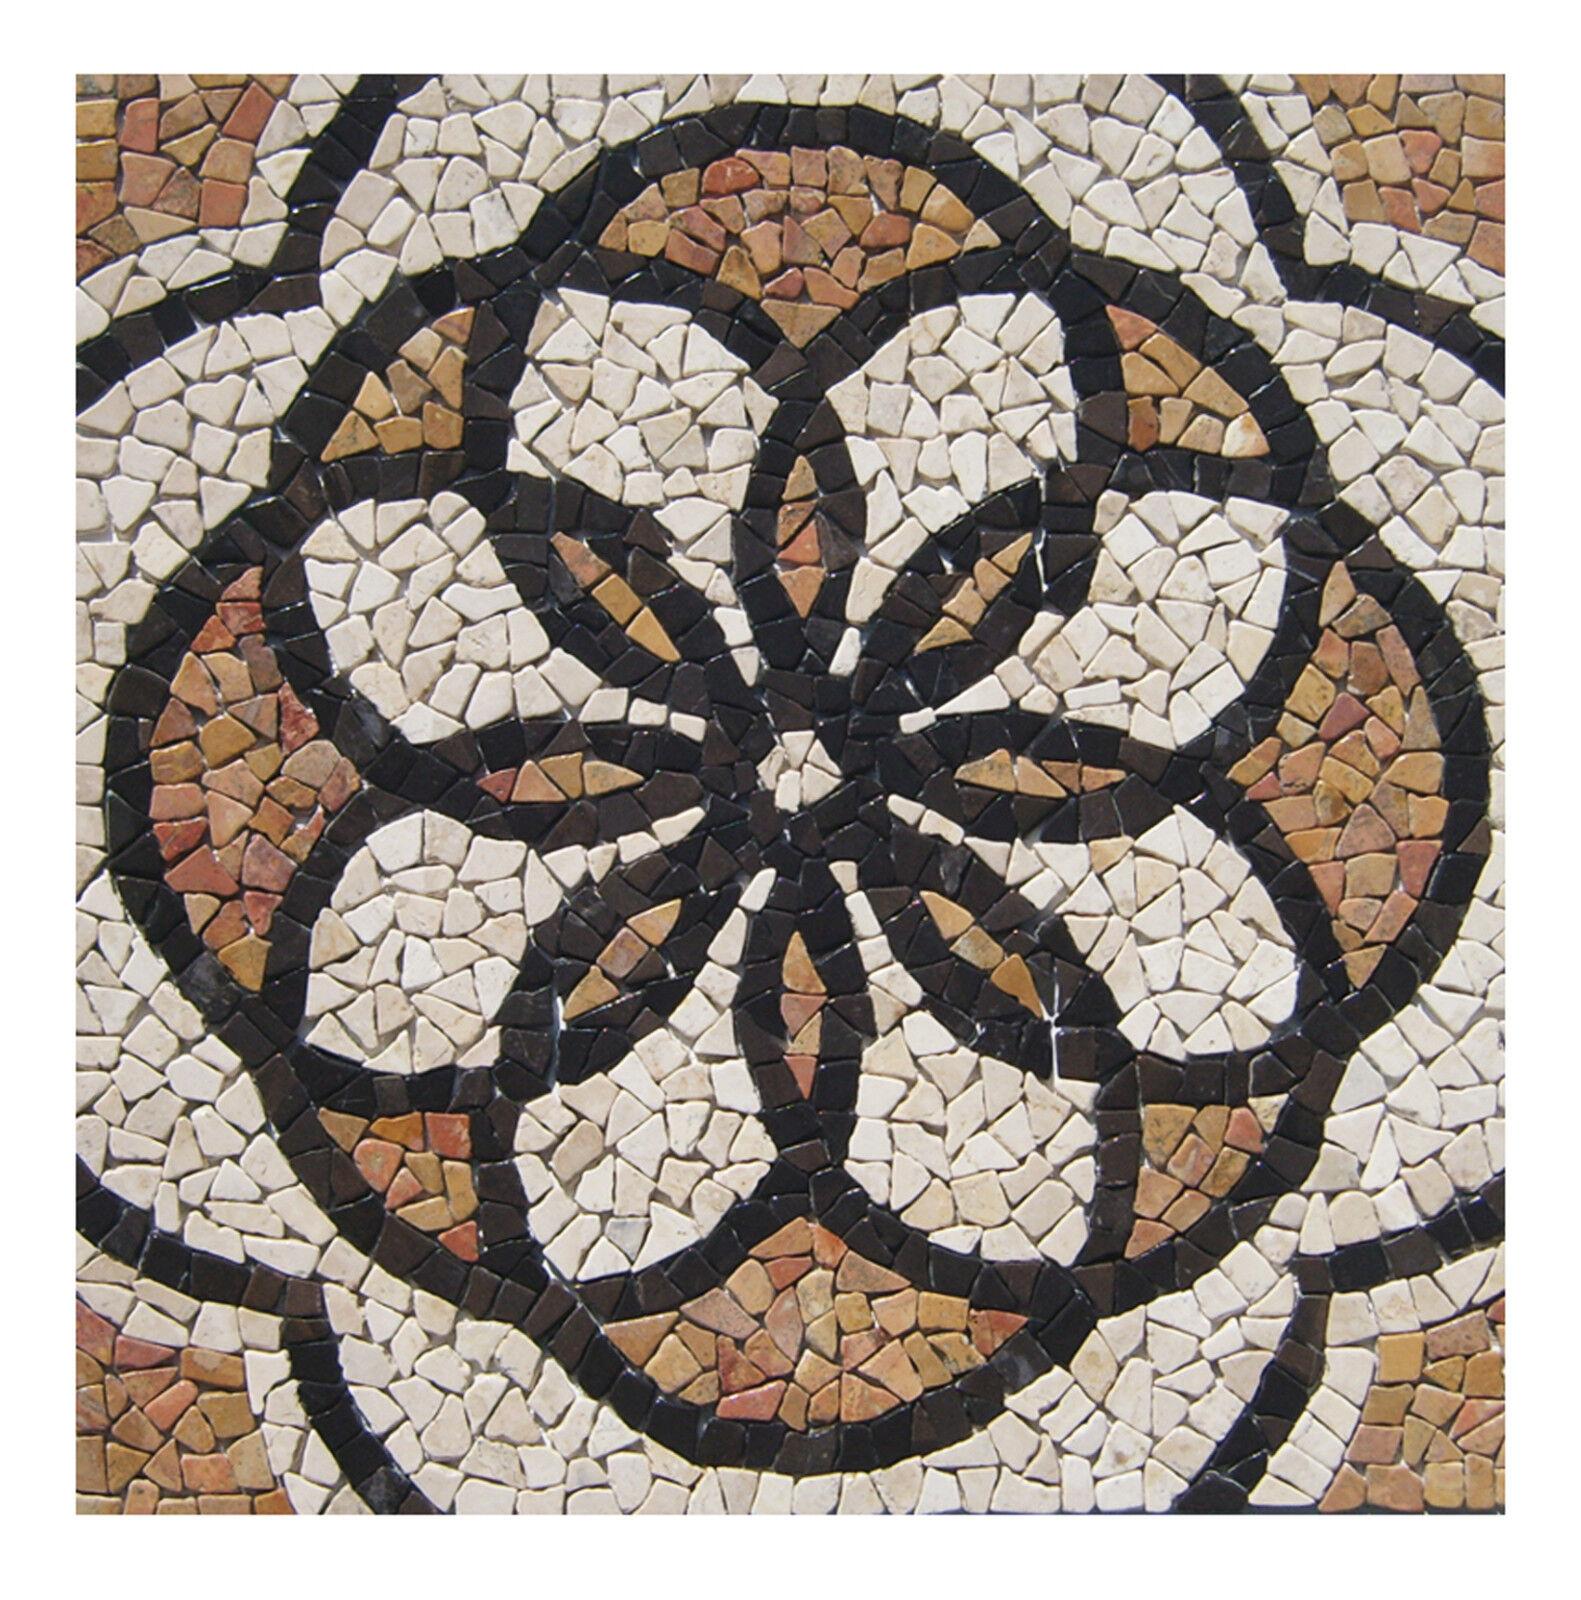 1 Marmor Mosaik Bild RO-002 - 90x90 cm Rosone - Mosaikfliesen Lager Herne NRW